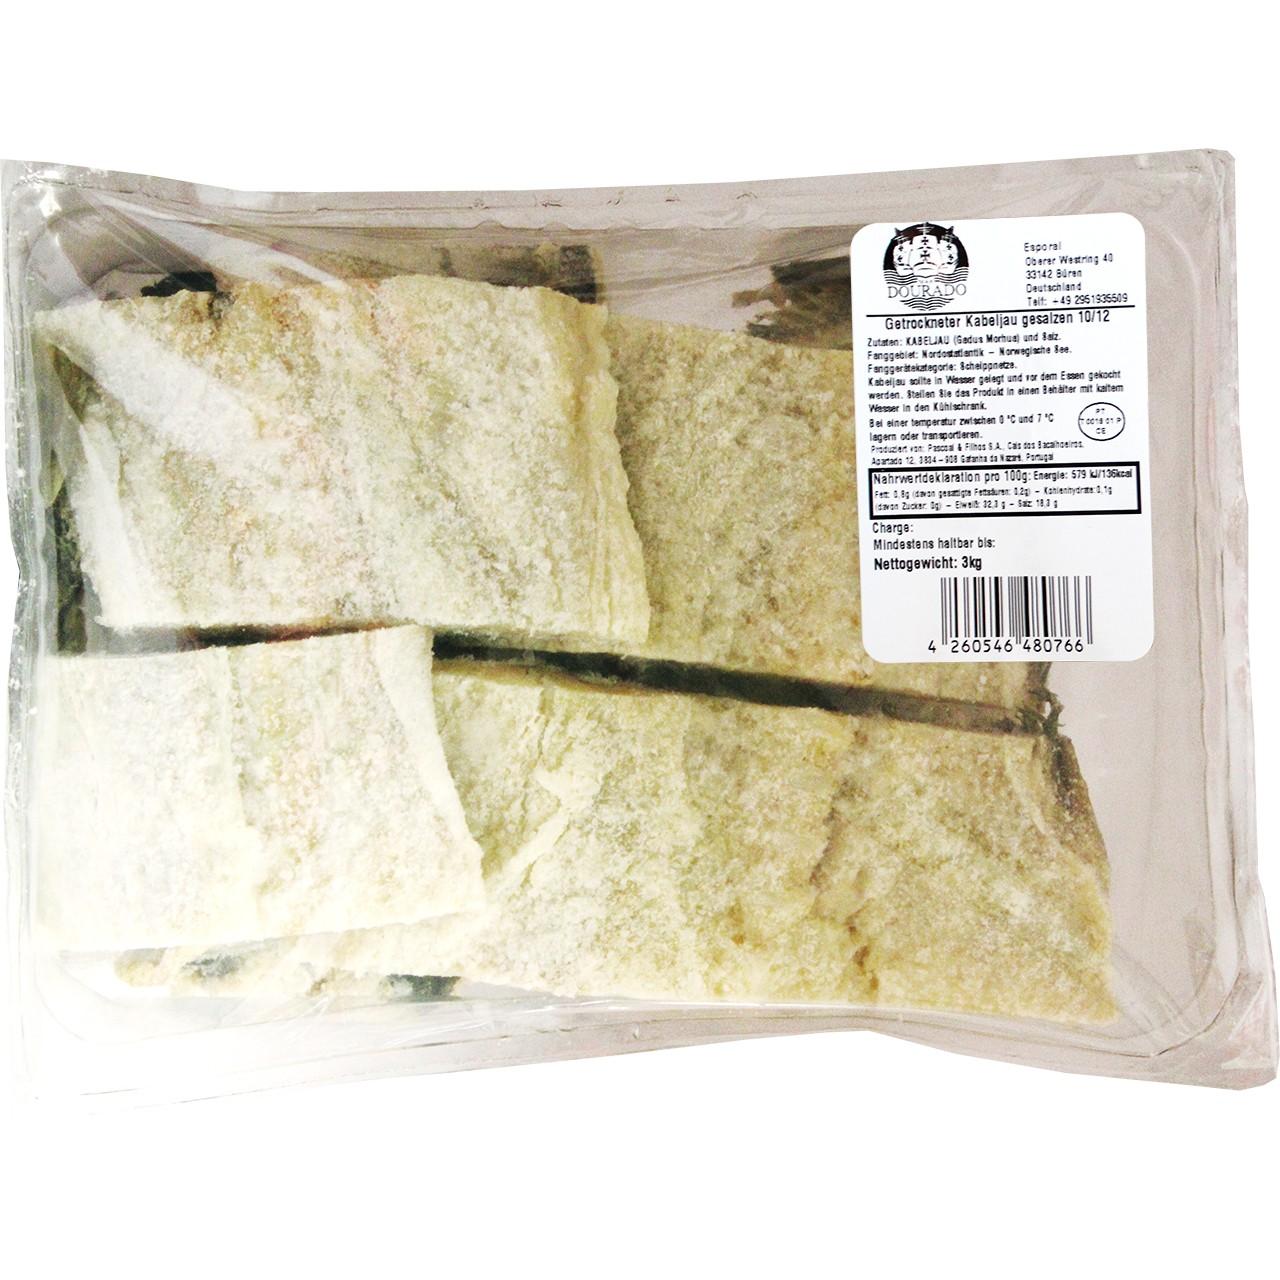 Bacalhau salgado - Getrockneter Kabeljau 3 Kg